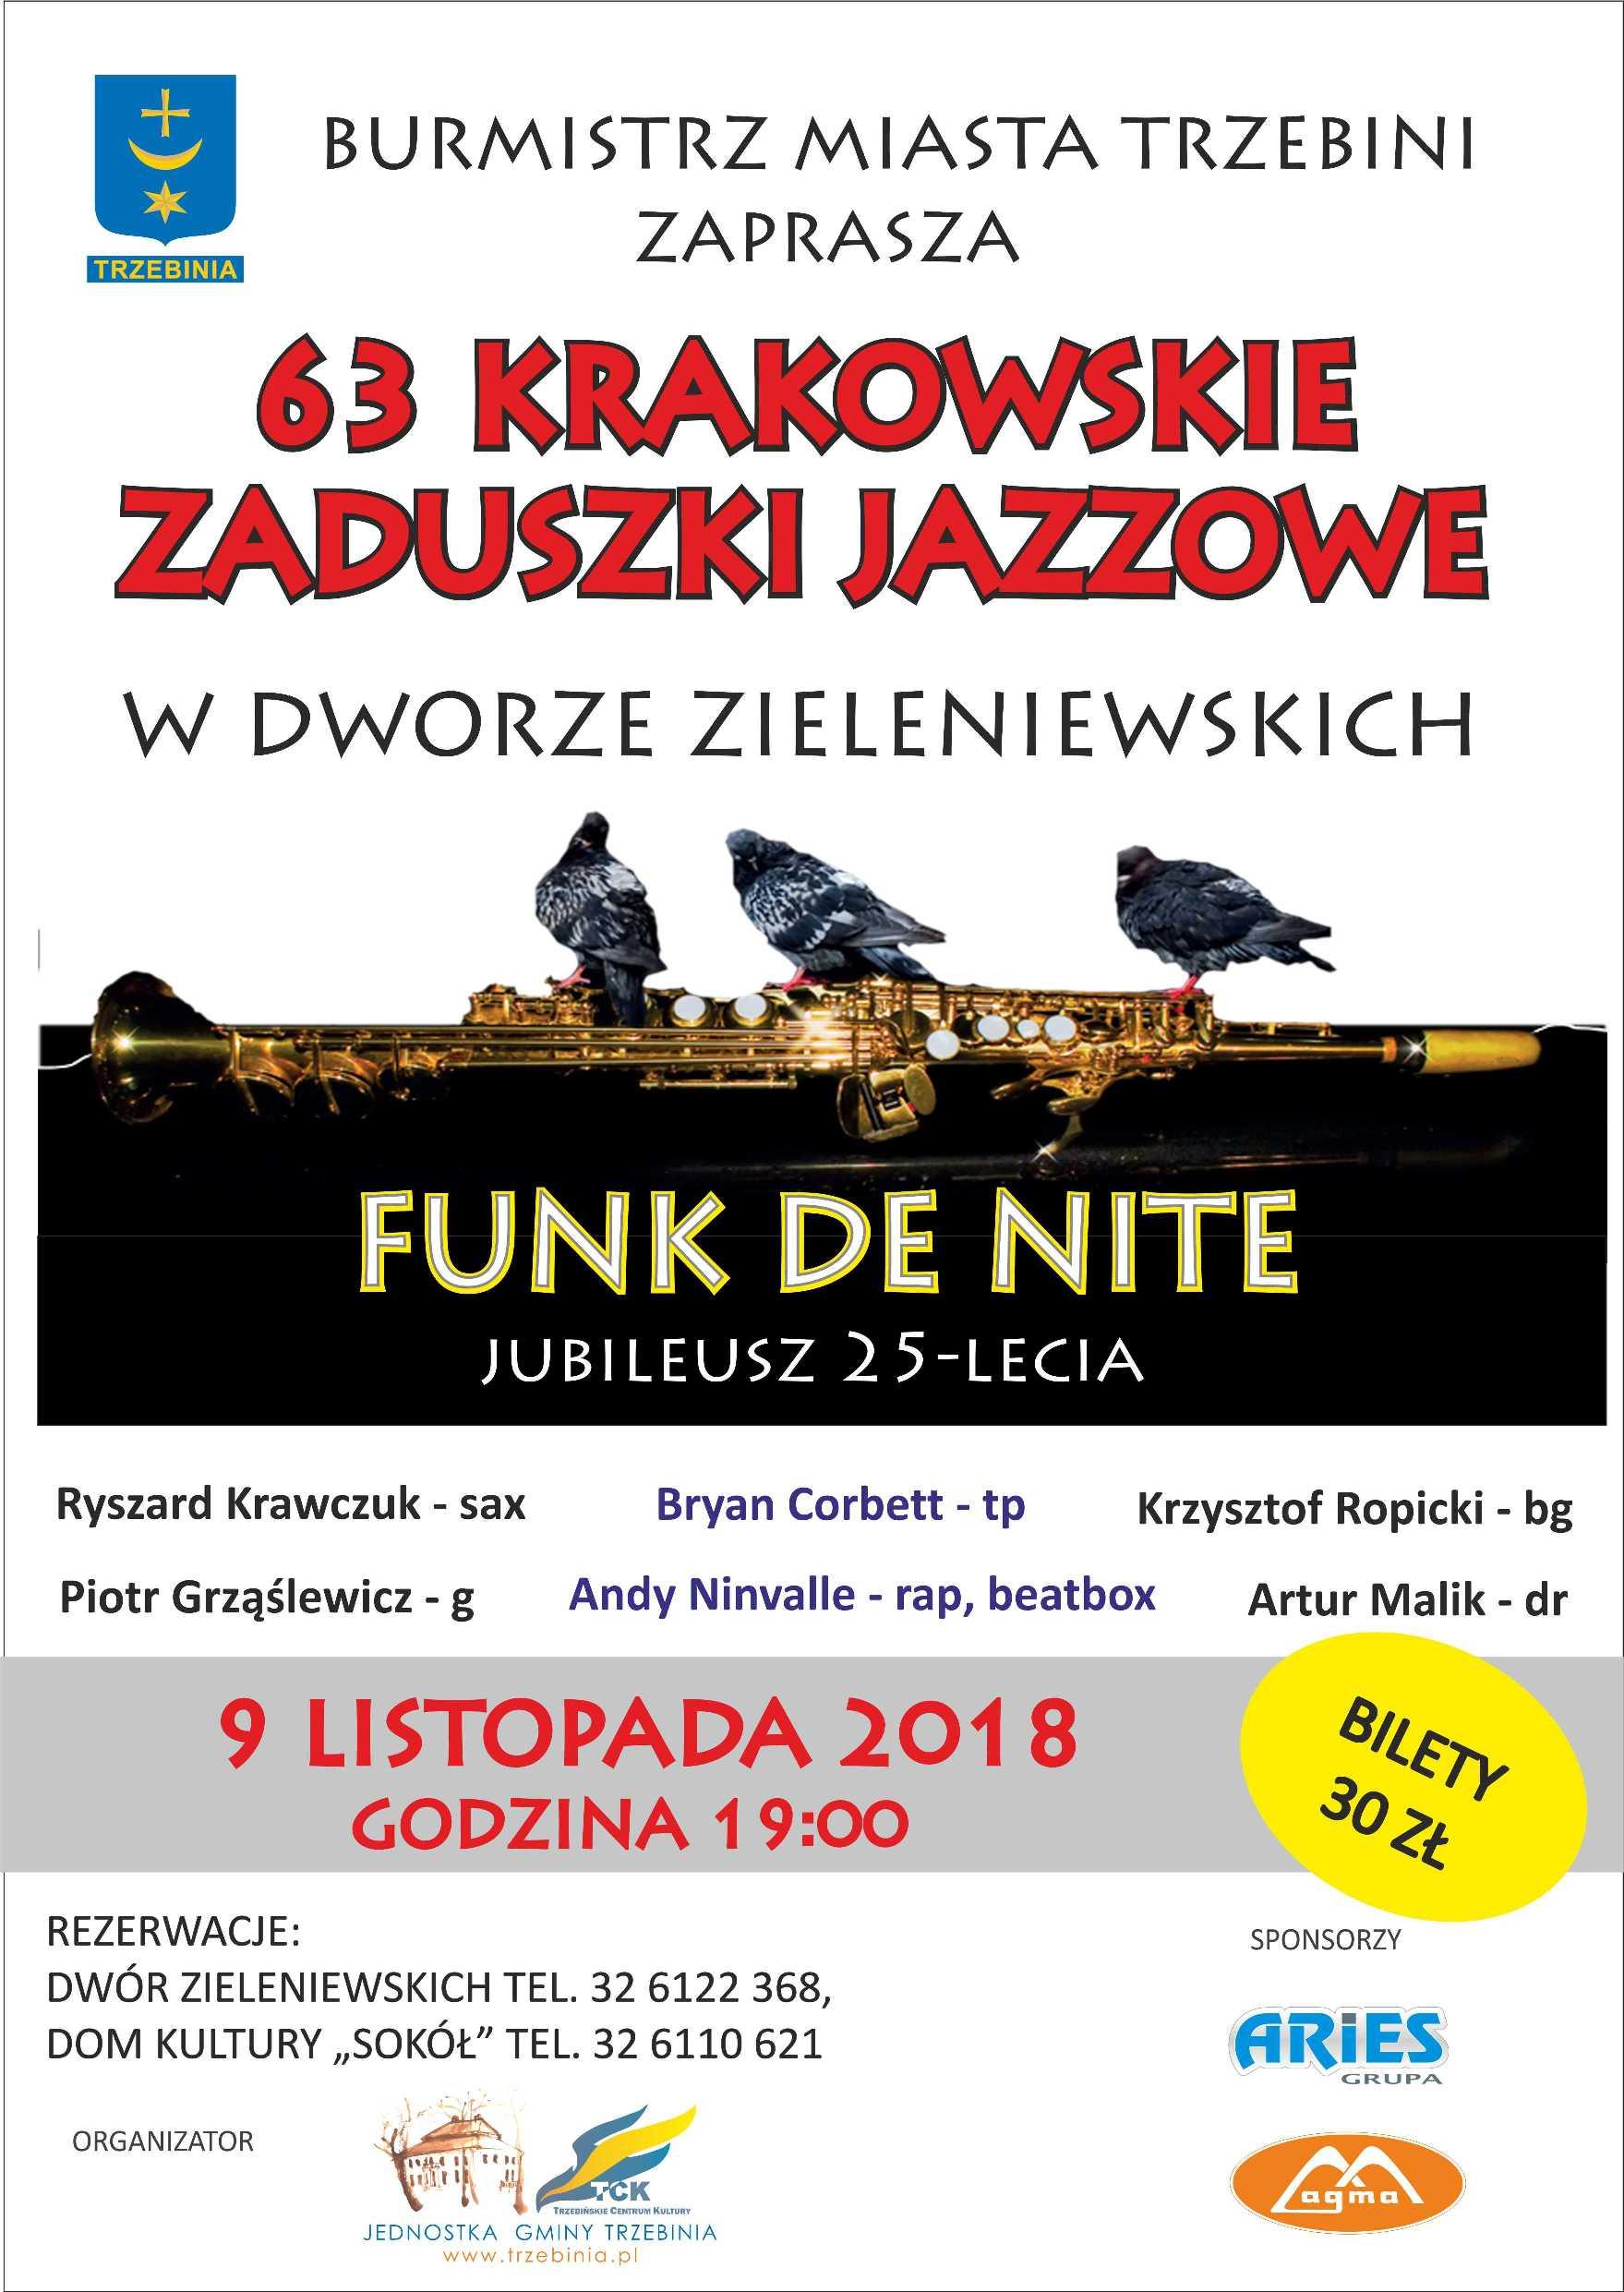 Zaduszki jazzowe w Dworze Zieleniewskich